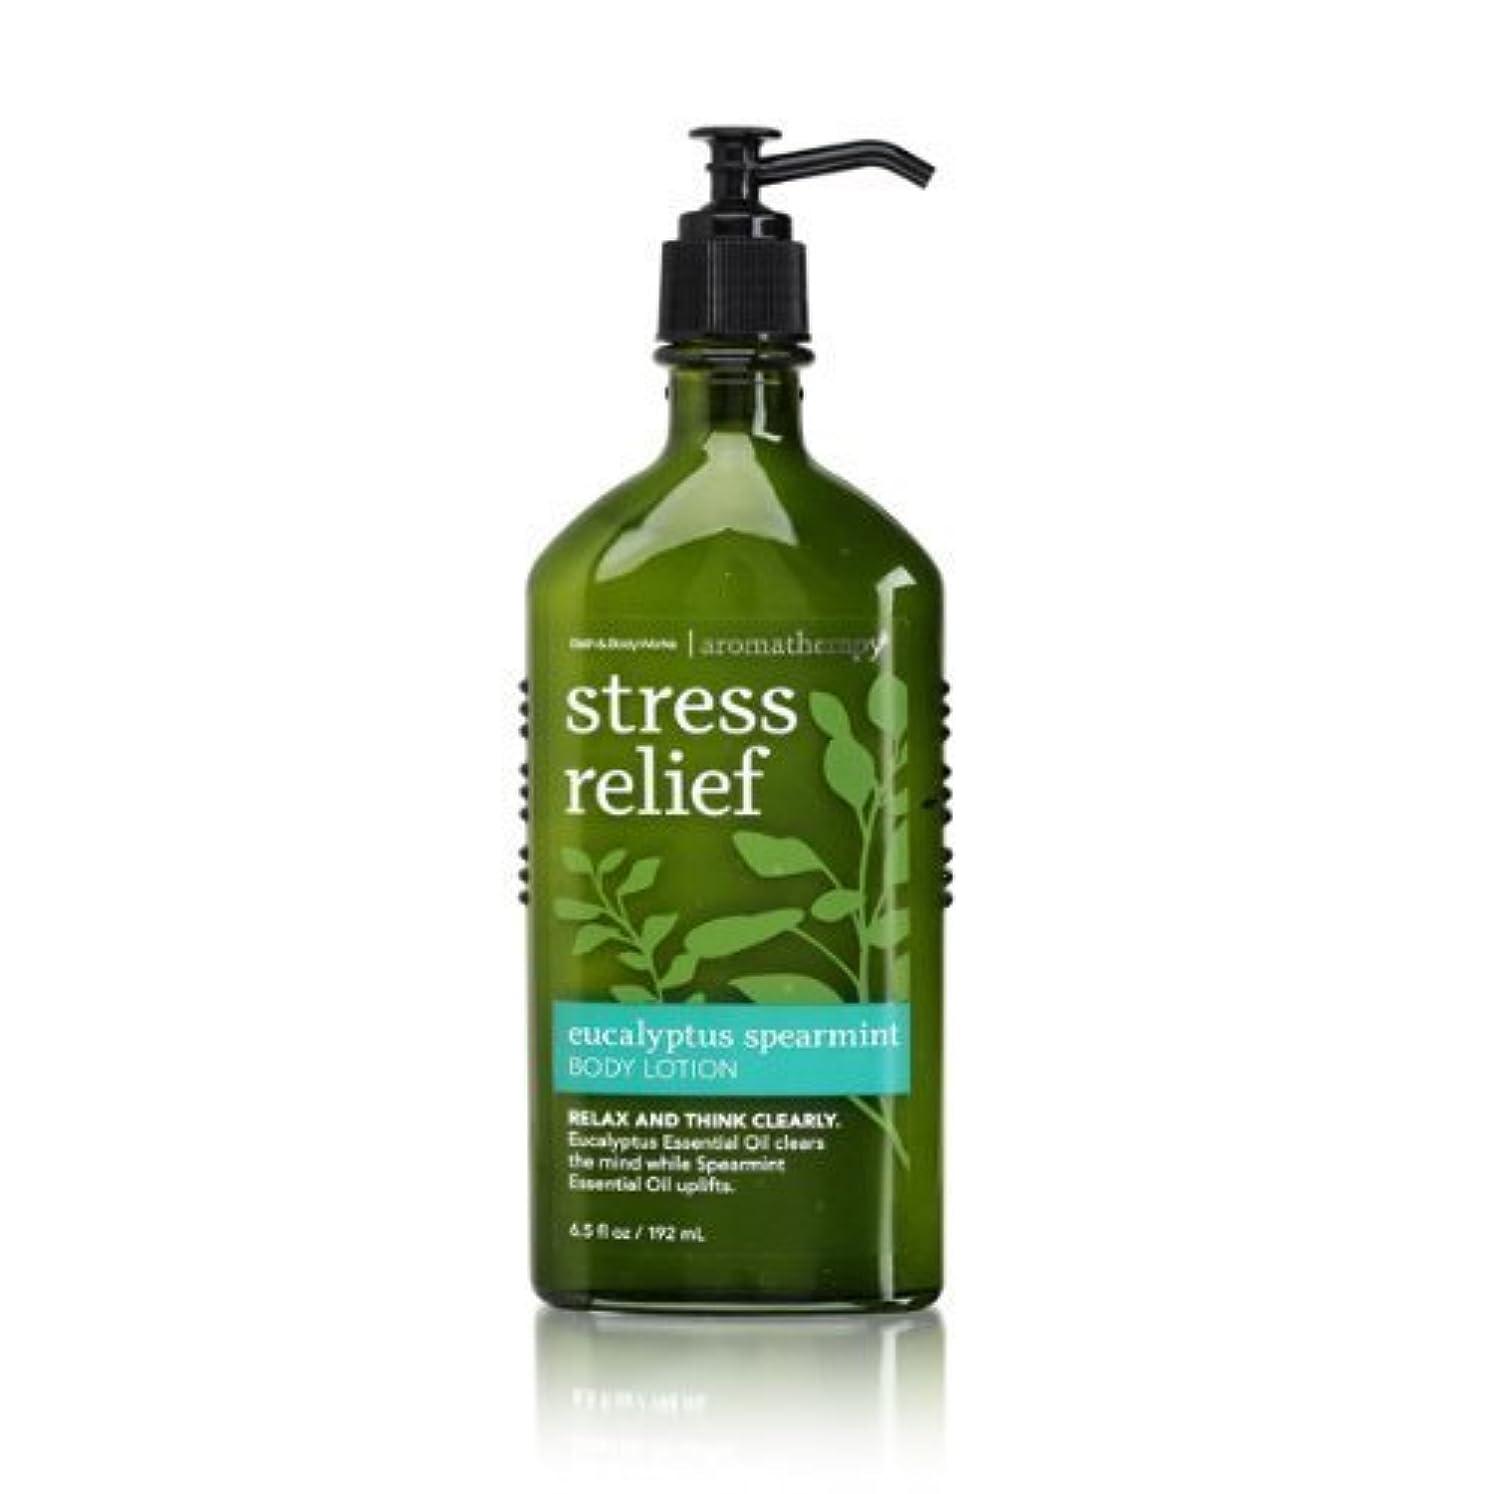 不運子絶対にBath & Body Works Aromatherapy Body Lotion with Free Hand Sanitizer (Eucalyptus Spearmint) [並行輸入品]